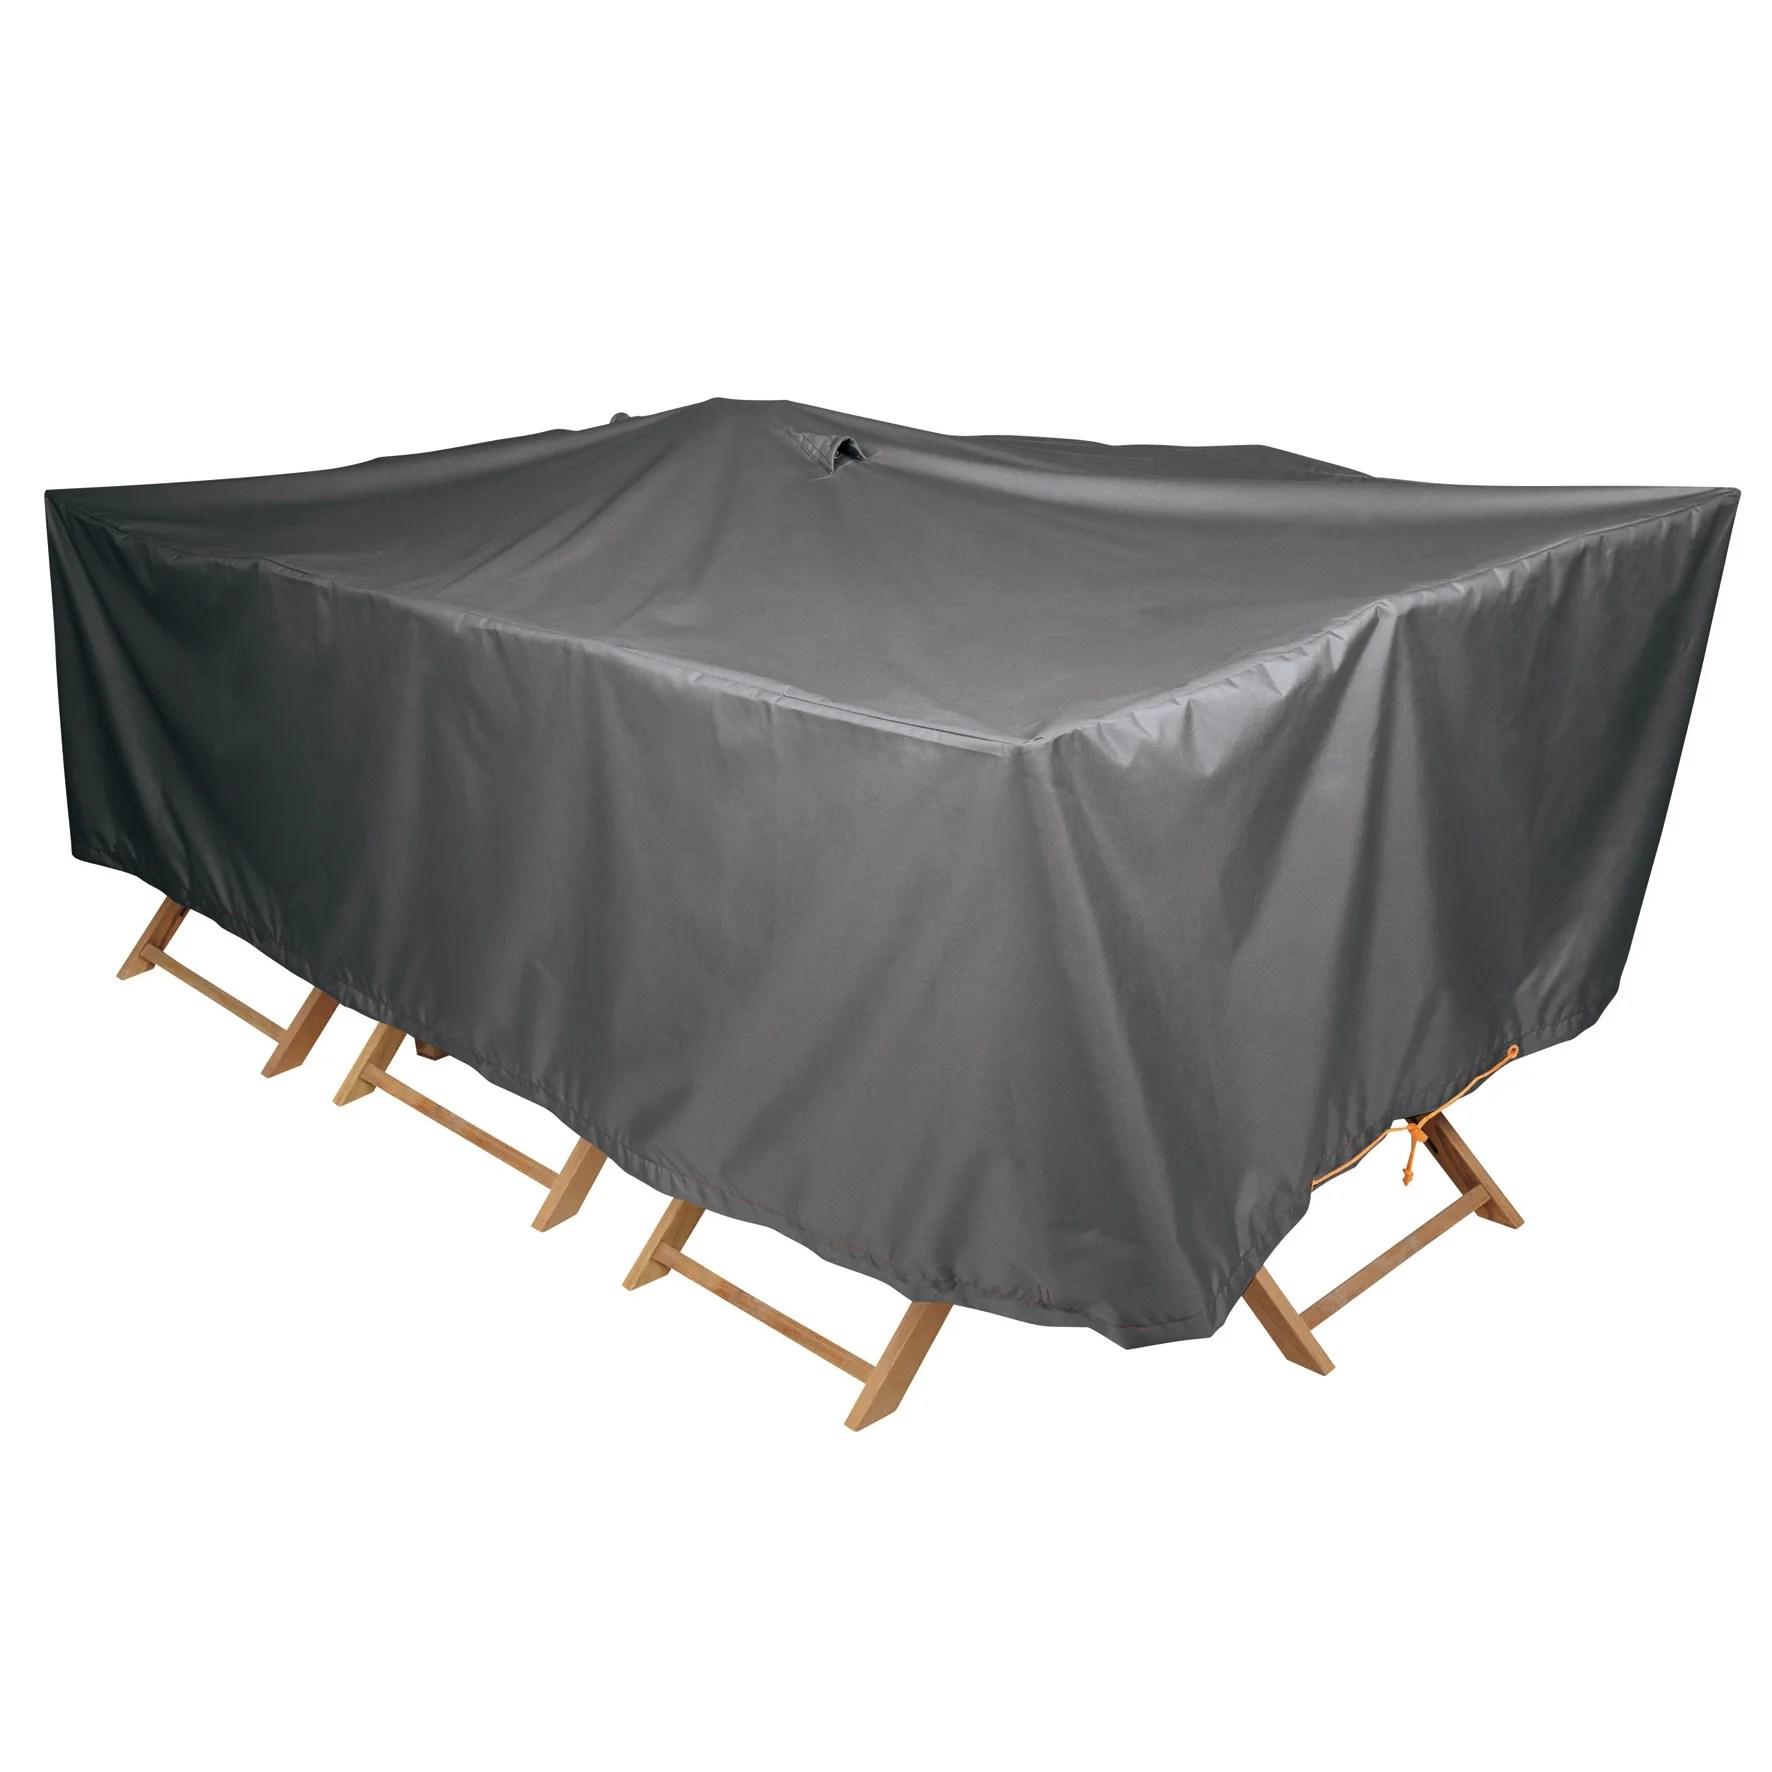 housse de protection pour table naterial l 240 x l 130 x h 60 cm